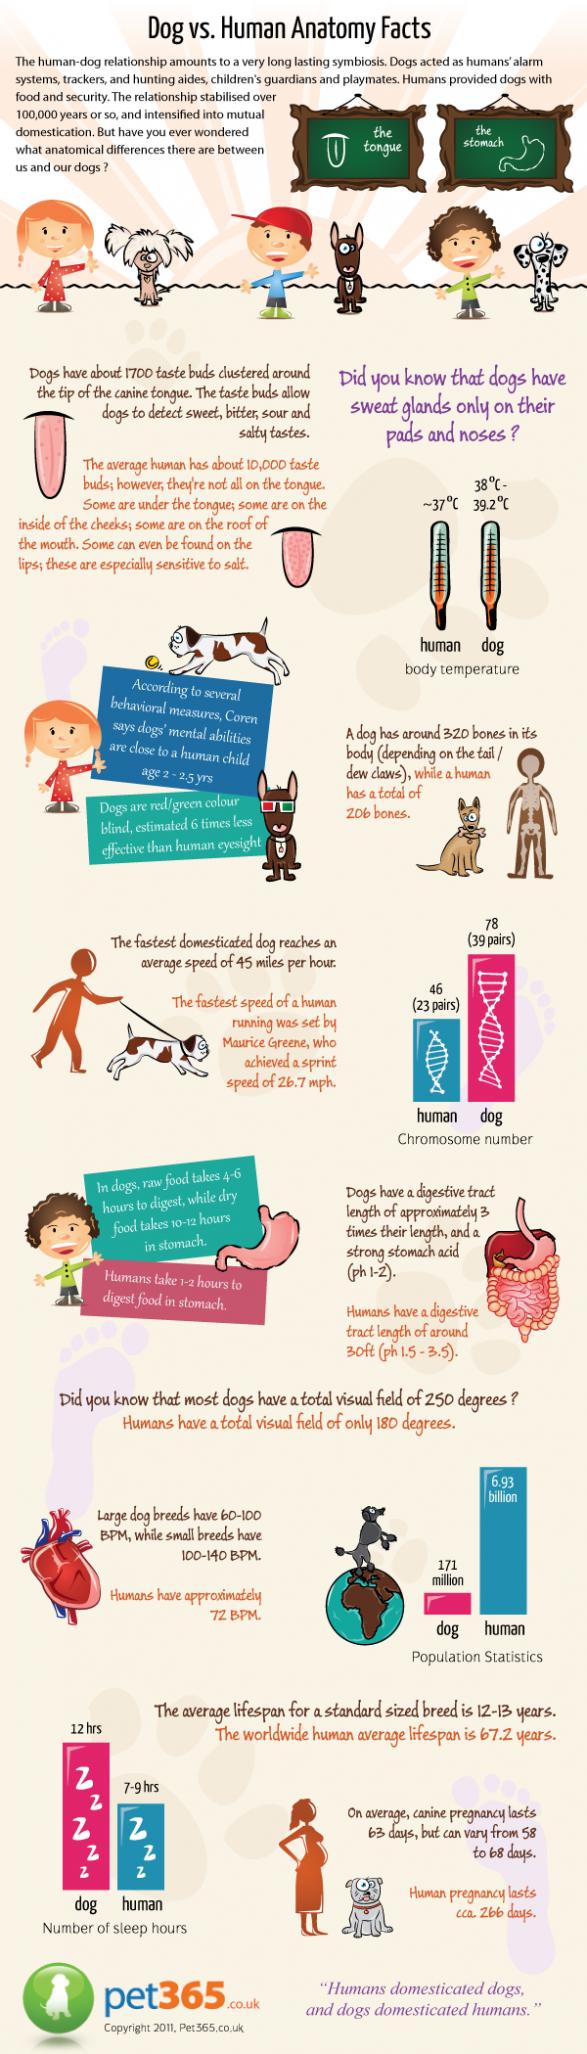 Dog vs. Human Anatomy